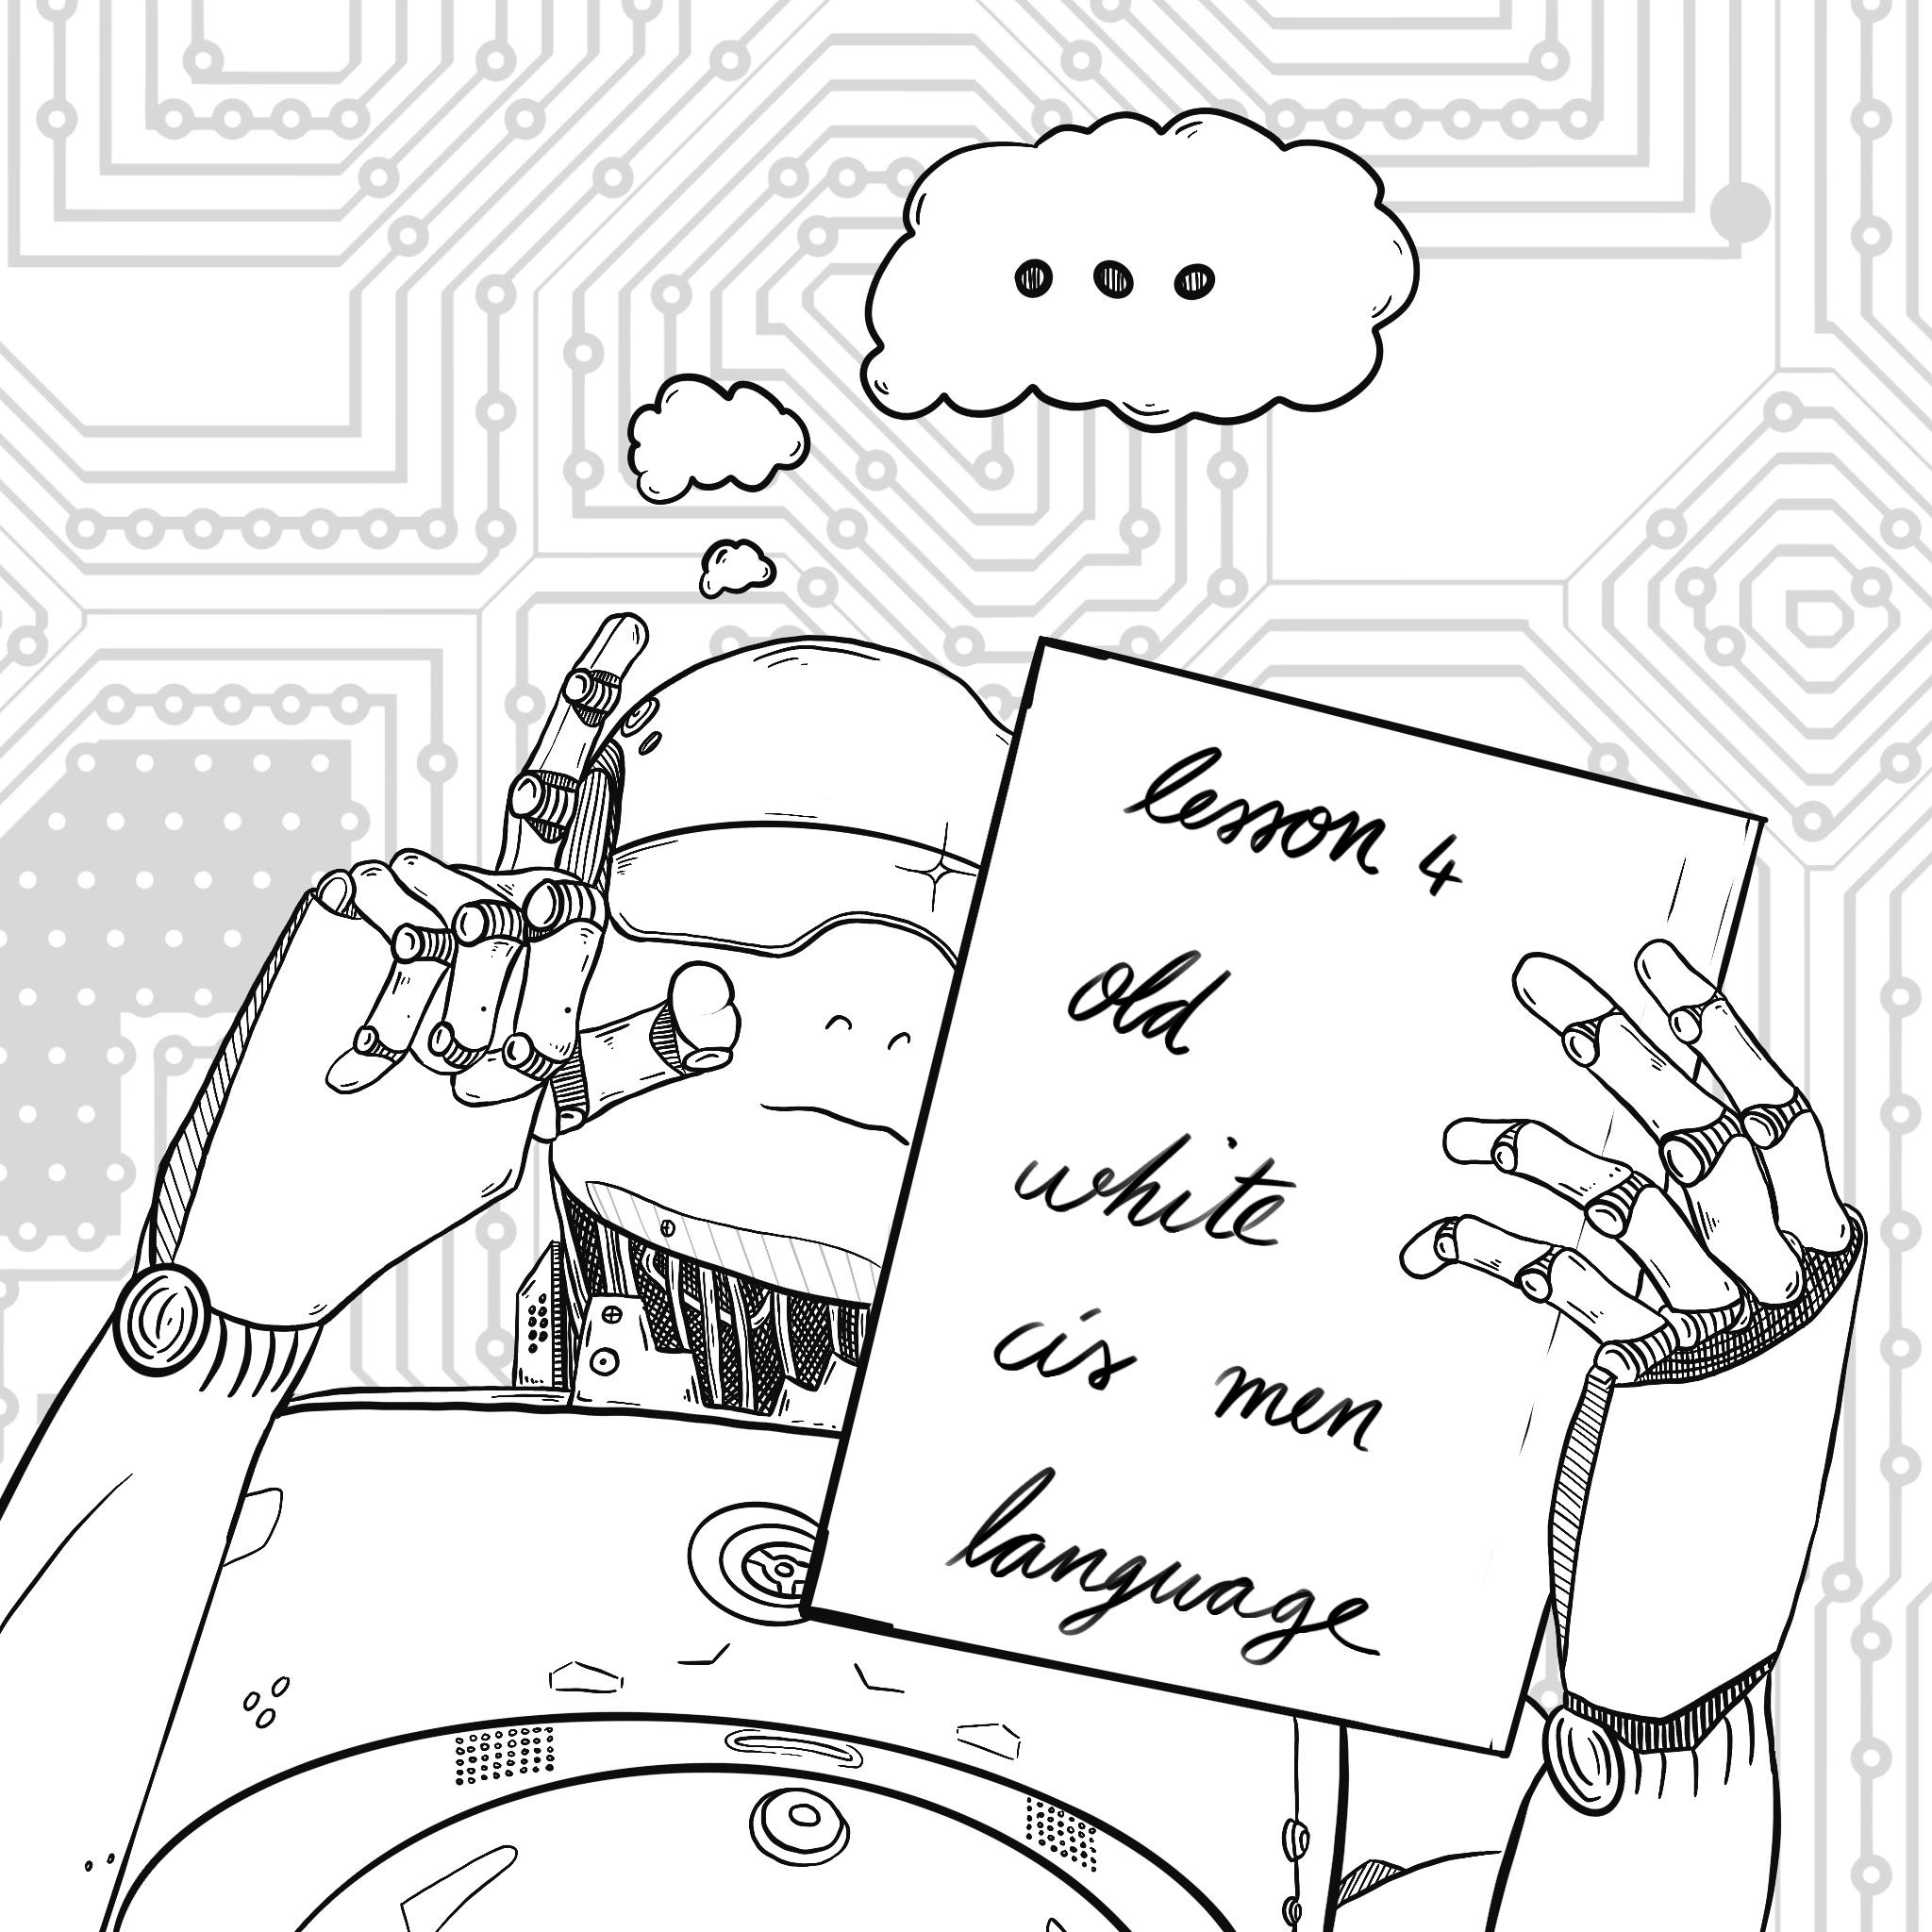 eine schwarz-weiß Illustration, die einen Roboter zeigt, der ein Blatt in der Hand hält auf dem lesson 4 old white cis men language steht